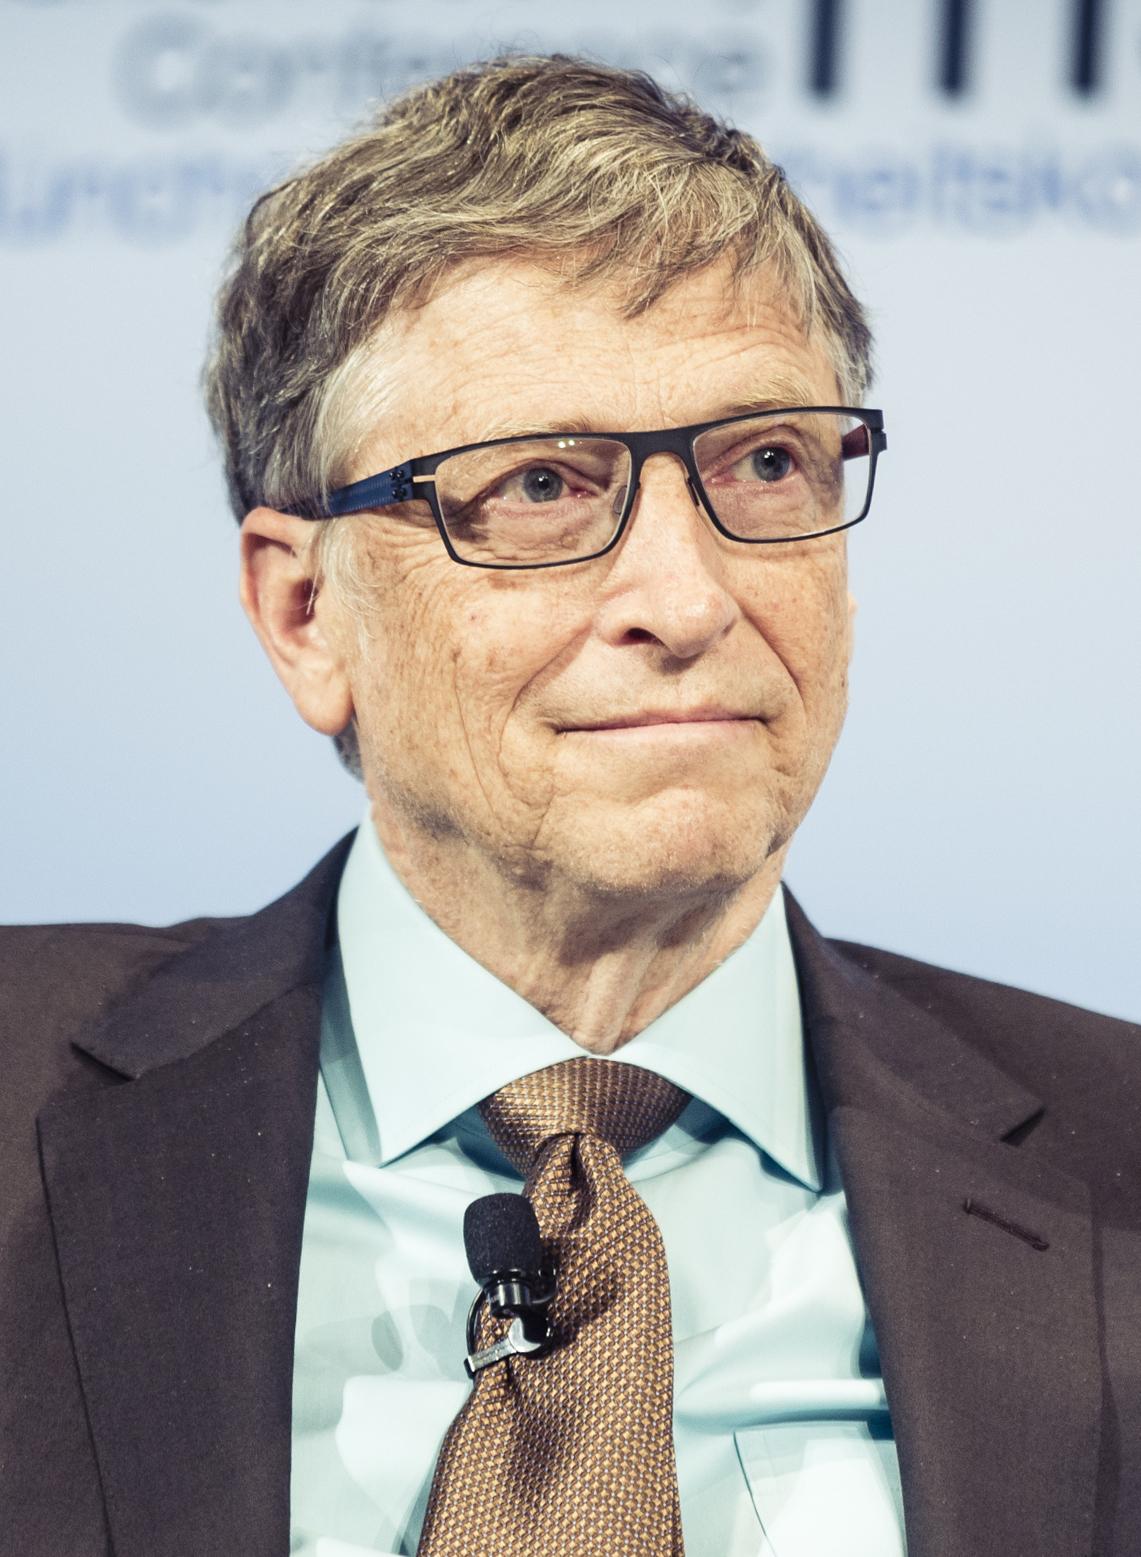 Er 65-år gammel 178 cm høj Bill Gates i 2021